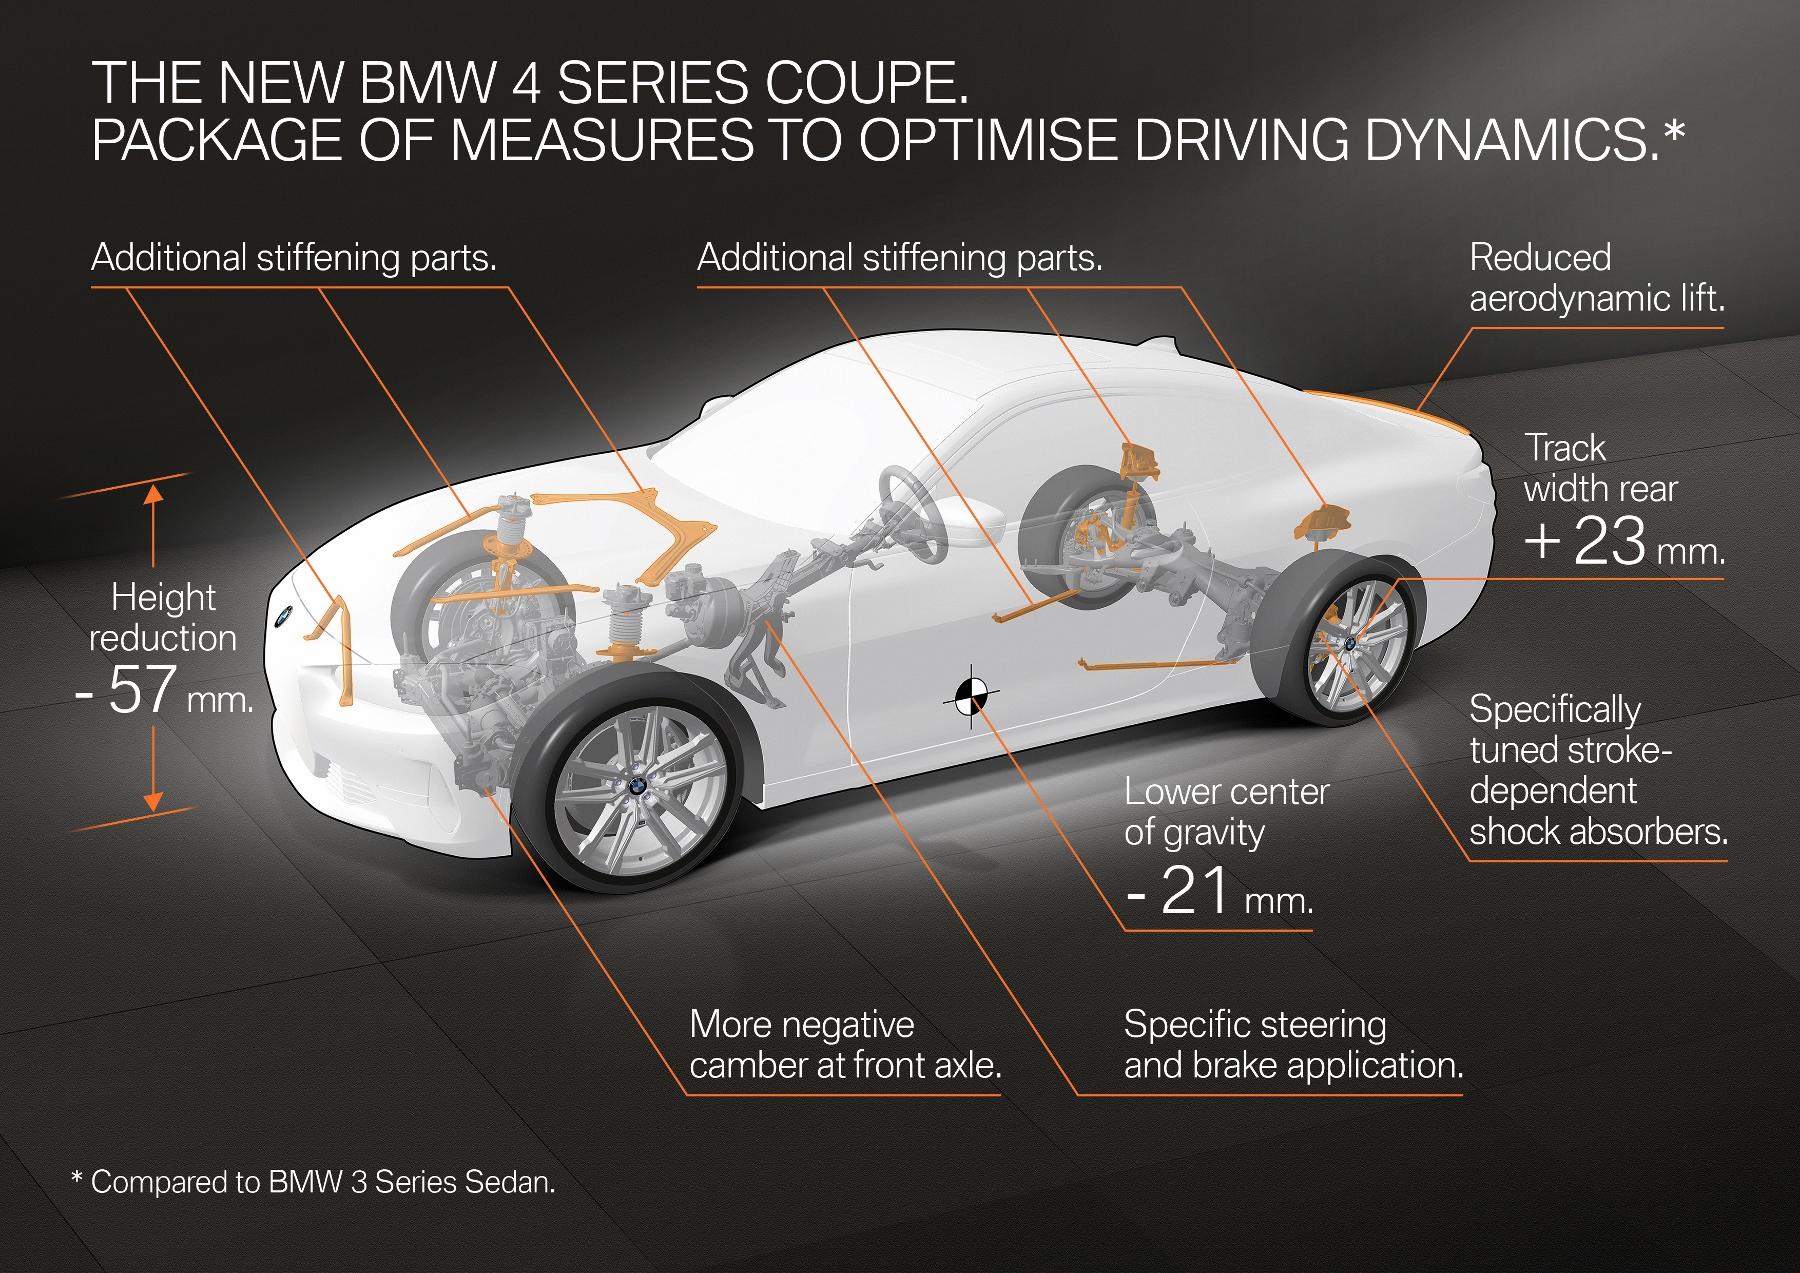 Nové BMW radu 4 Coupé dostane športovejší podvozok lUJiSixMPg bmw-4-coupe-25